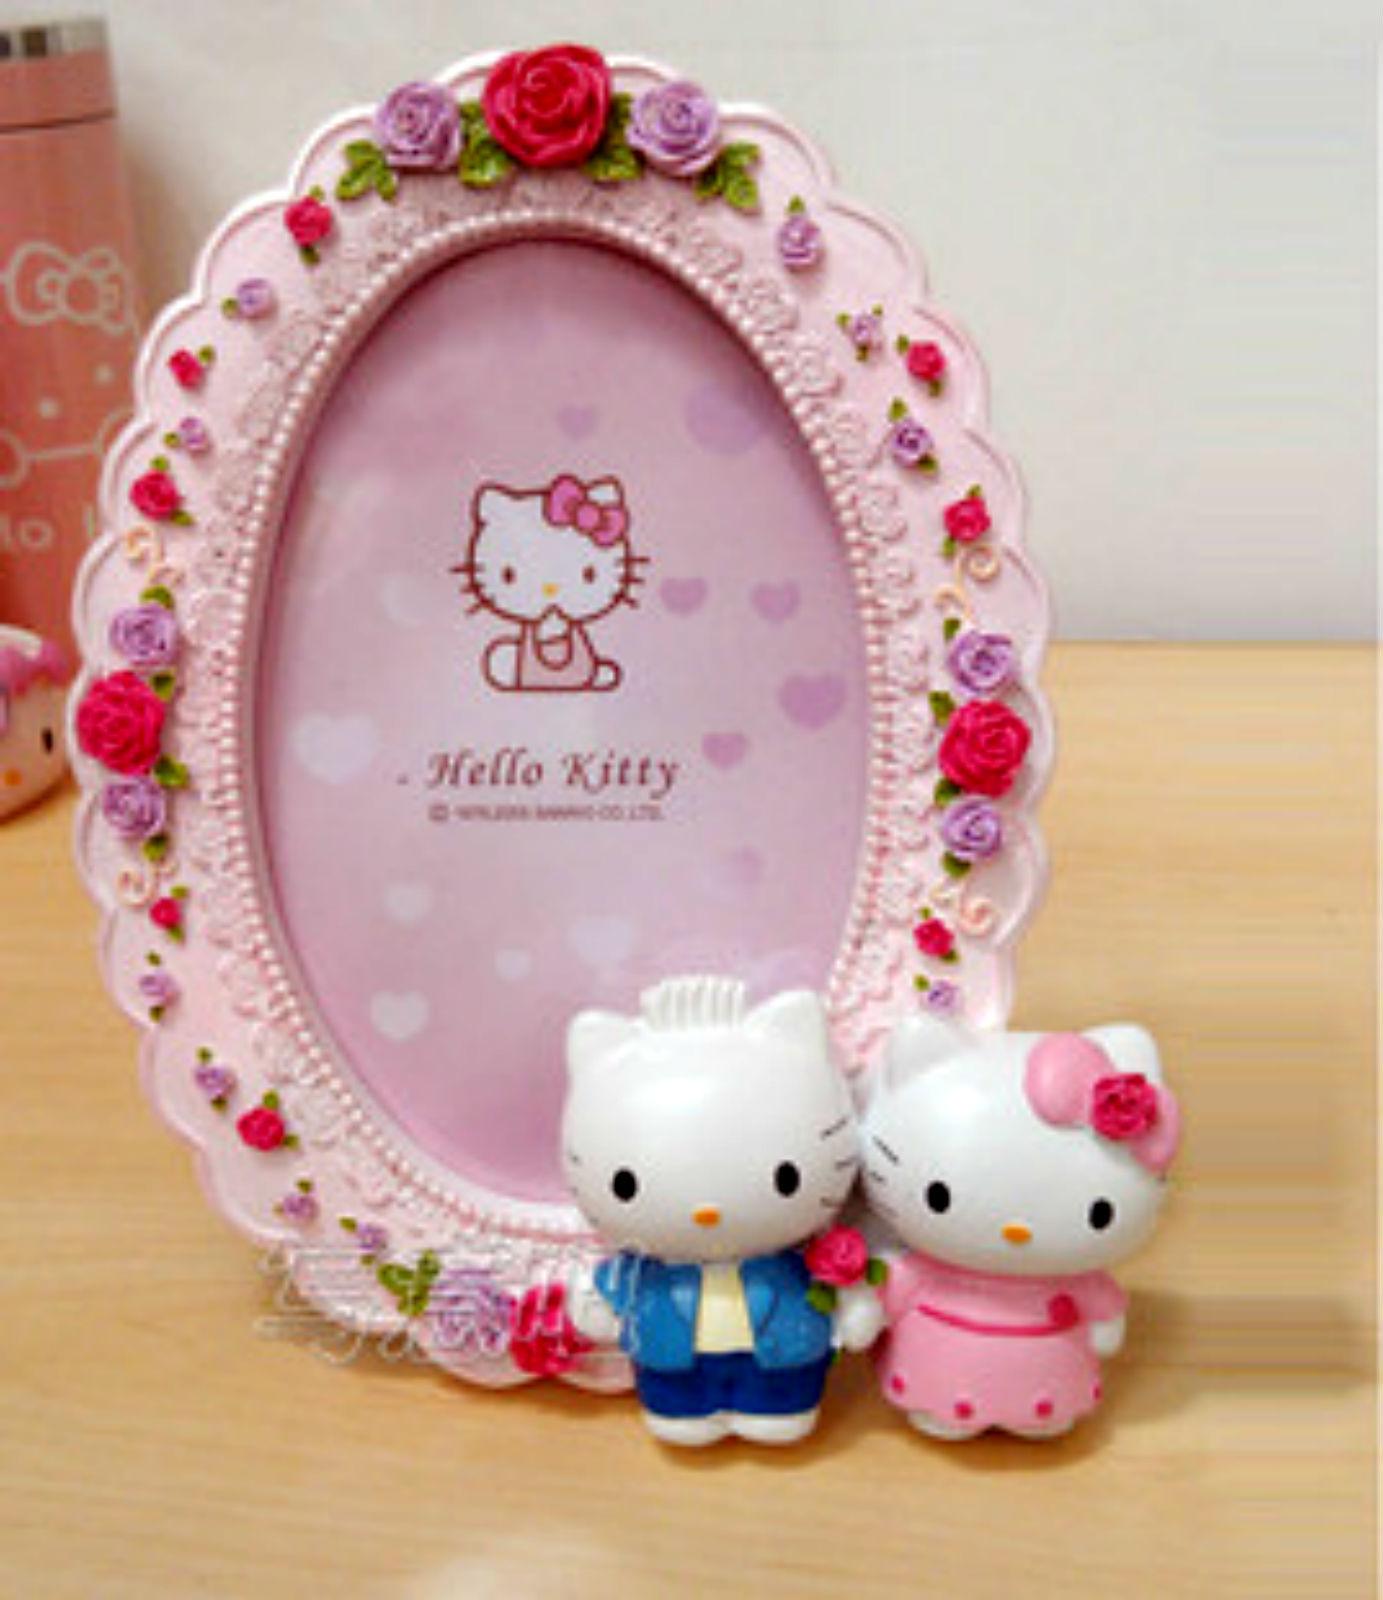 Dear Daniel Amp Kitty PINK Color ROSE Flower OVAL Shape